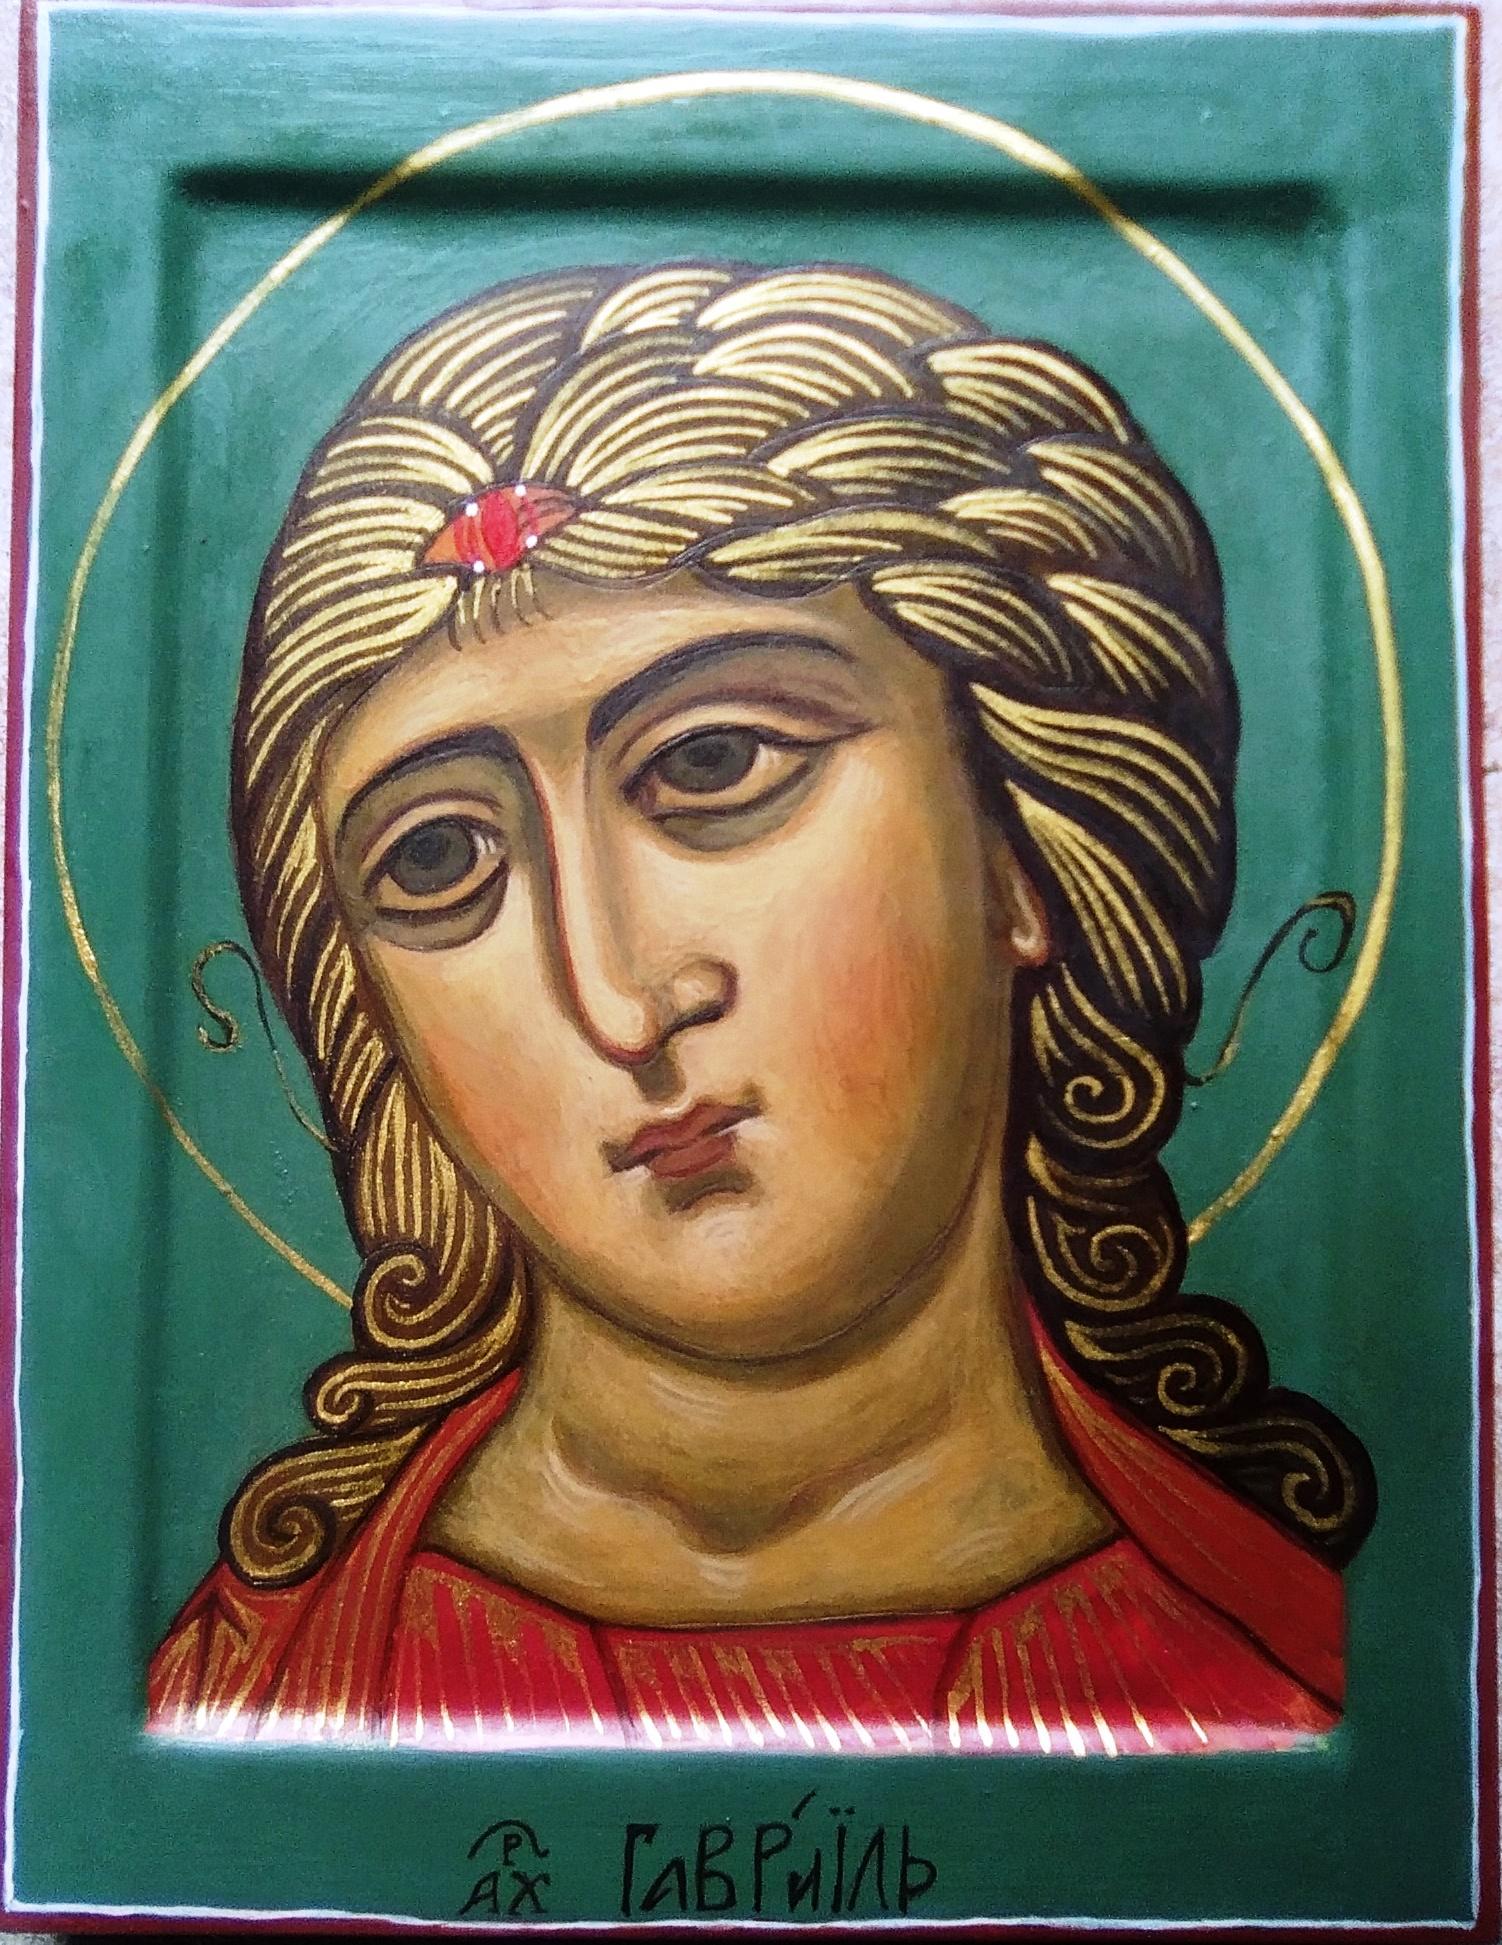 Der Engel mit dem goldenen Haar, April 2017, geweiht